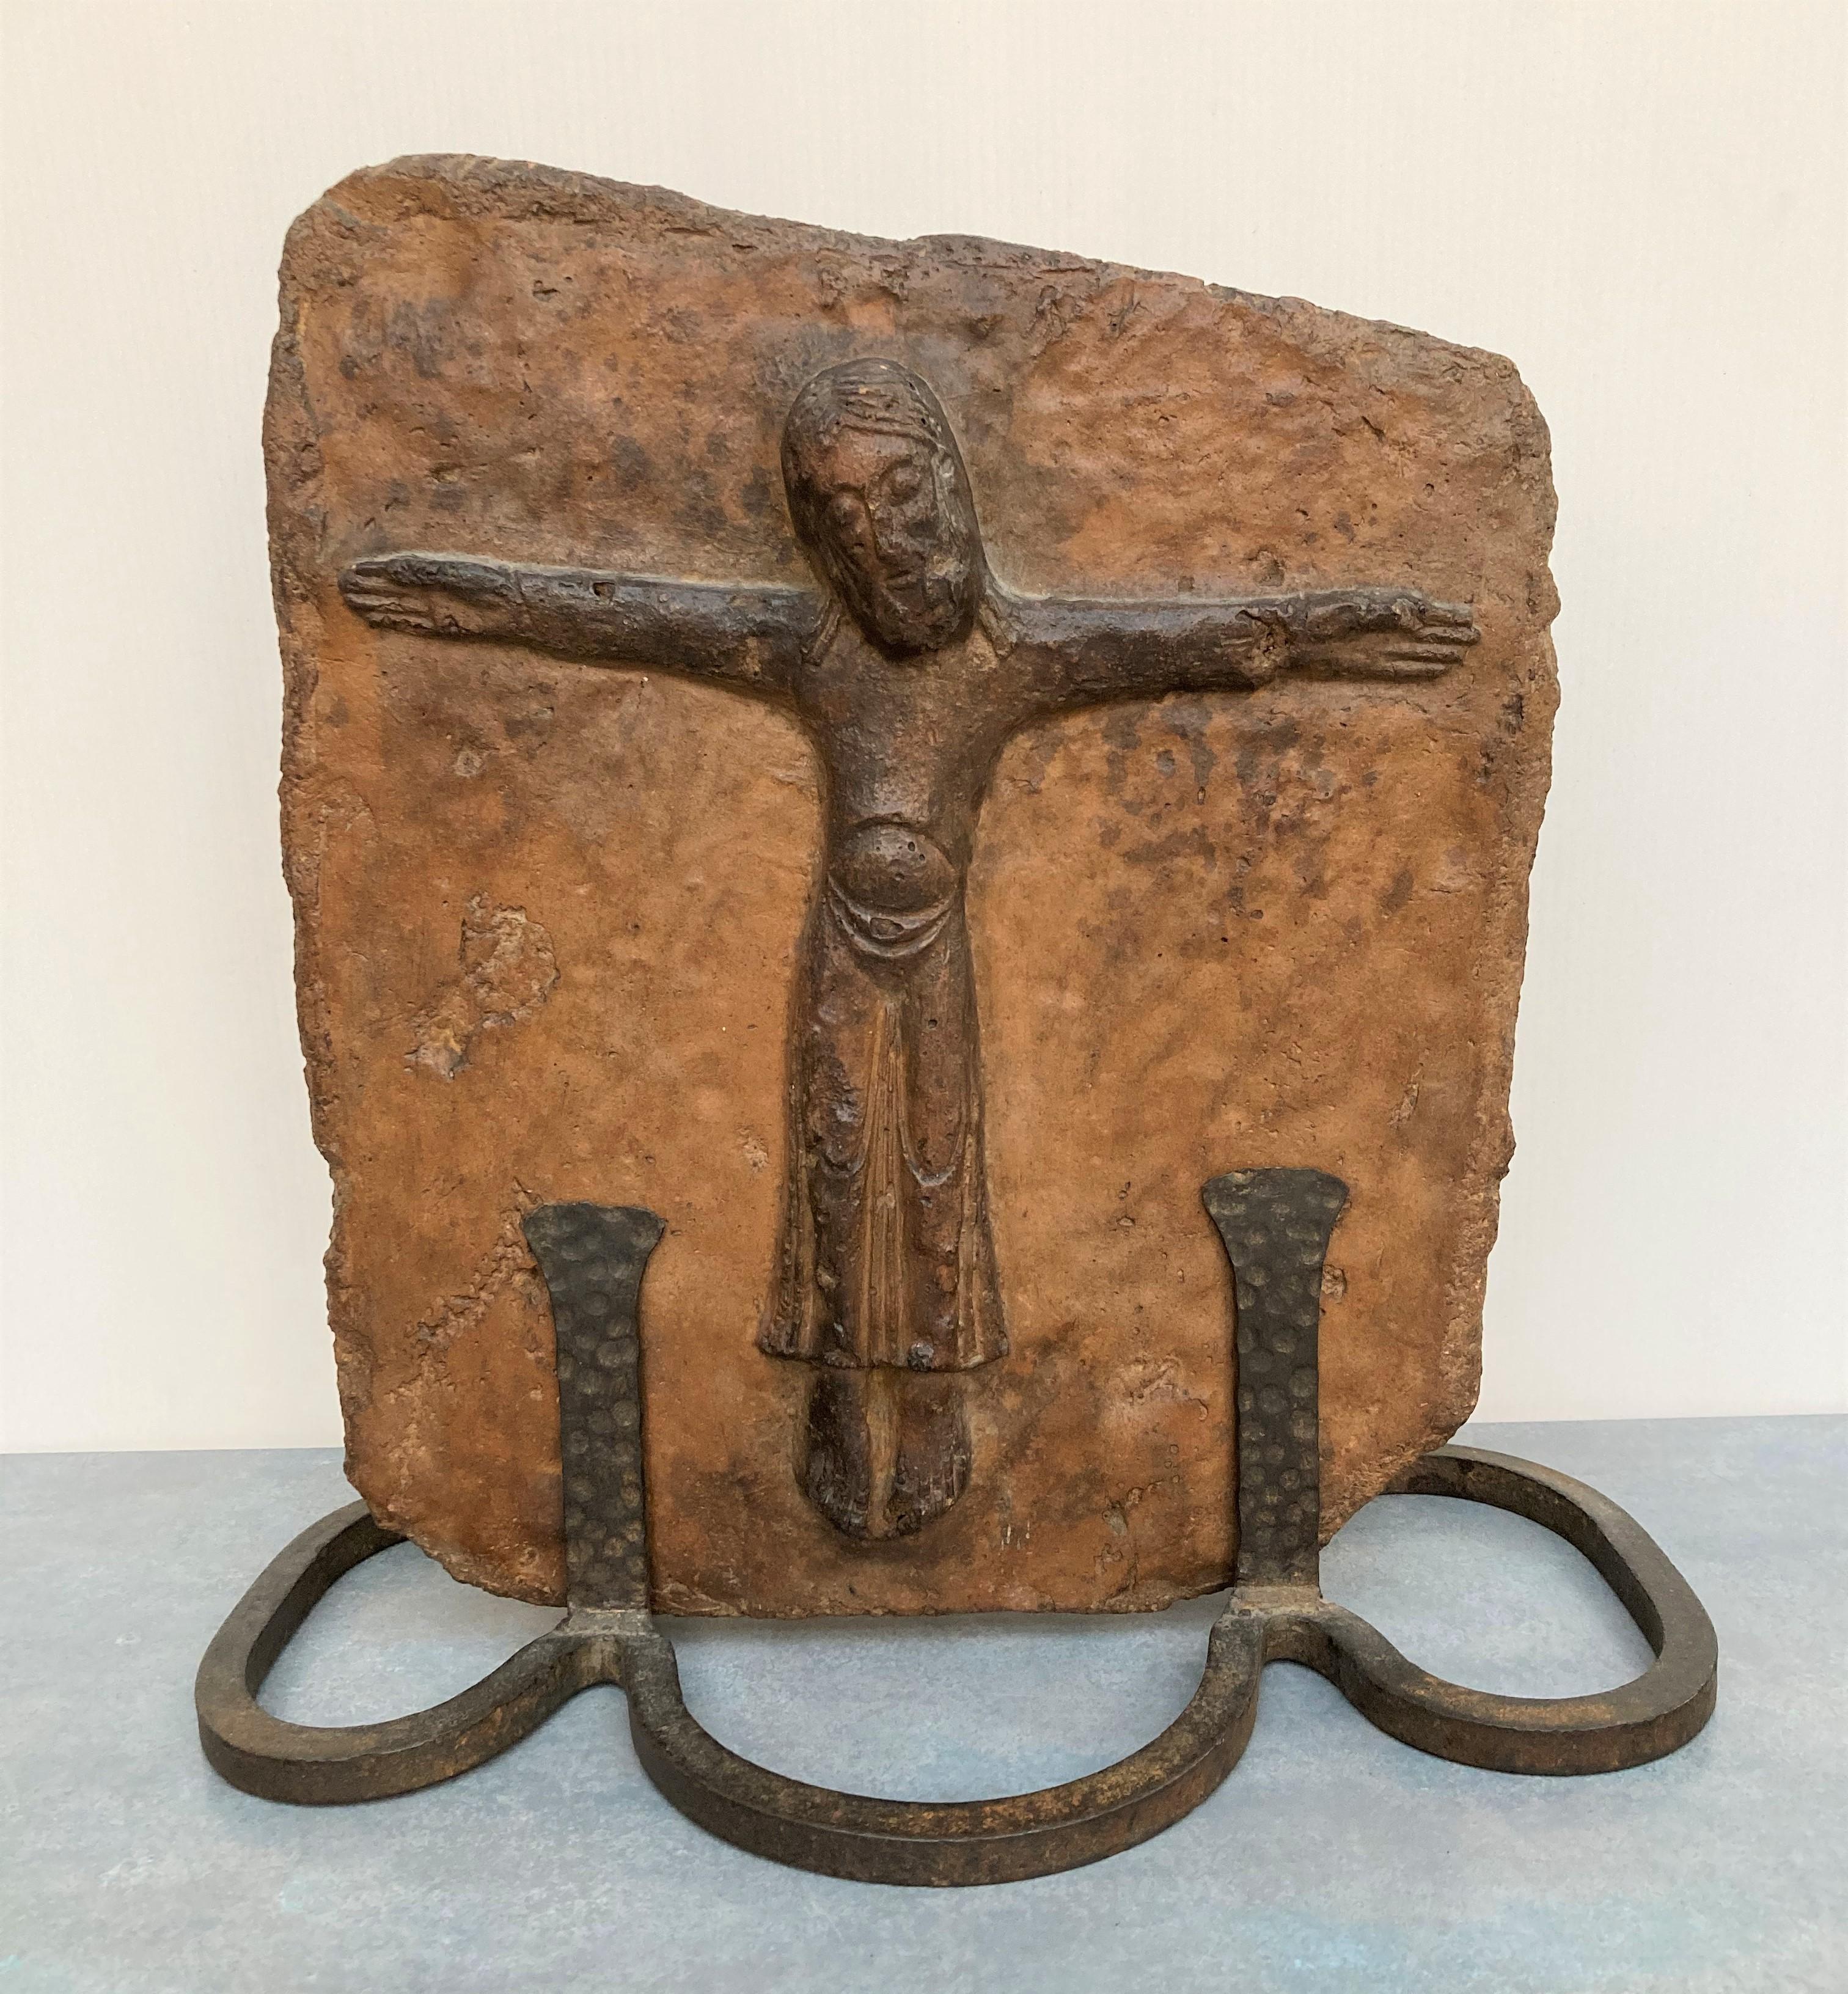 CARREAU en céramique à motif en relief de Christ en croix. Travail dans le goût de Moyen Age. 35 X